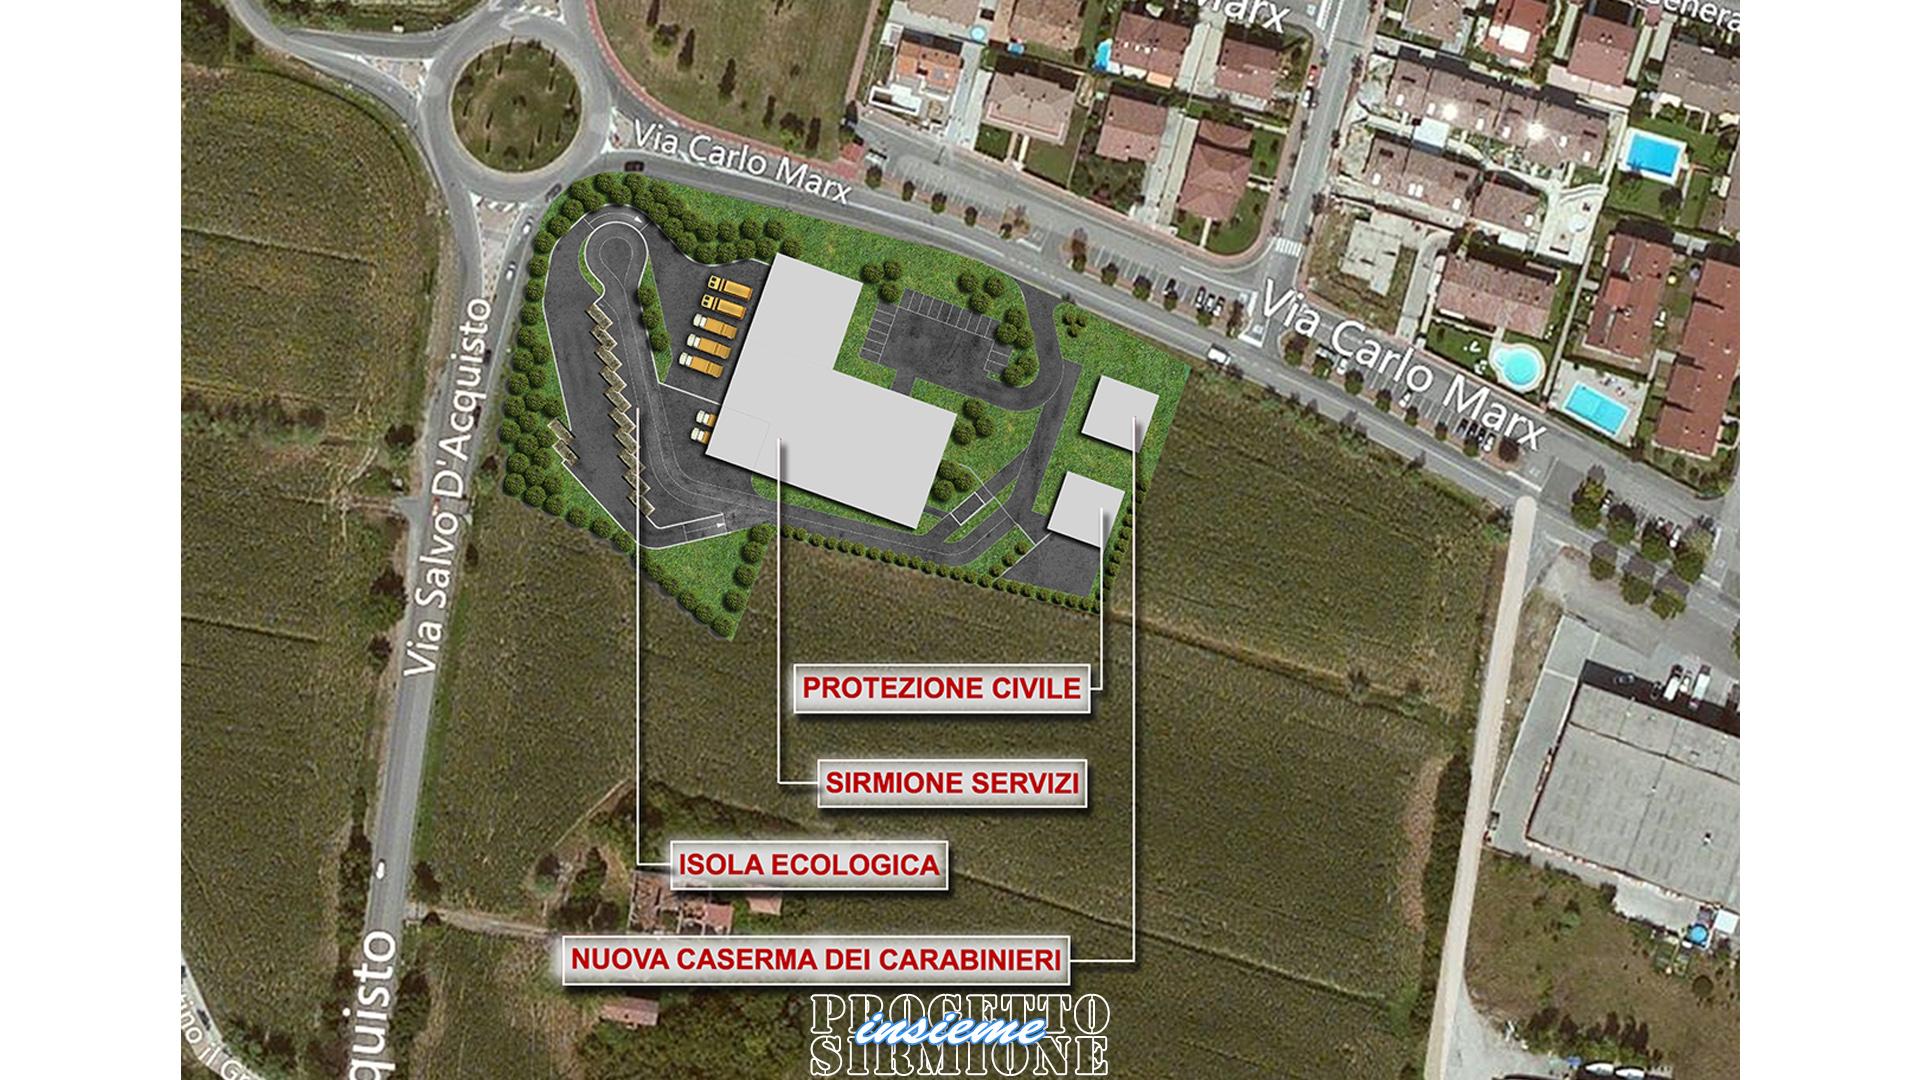 Progetto Sirmione Insieme_polo servizi_sirmione servizi_volontari del garda_carabinieri